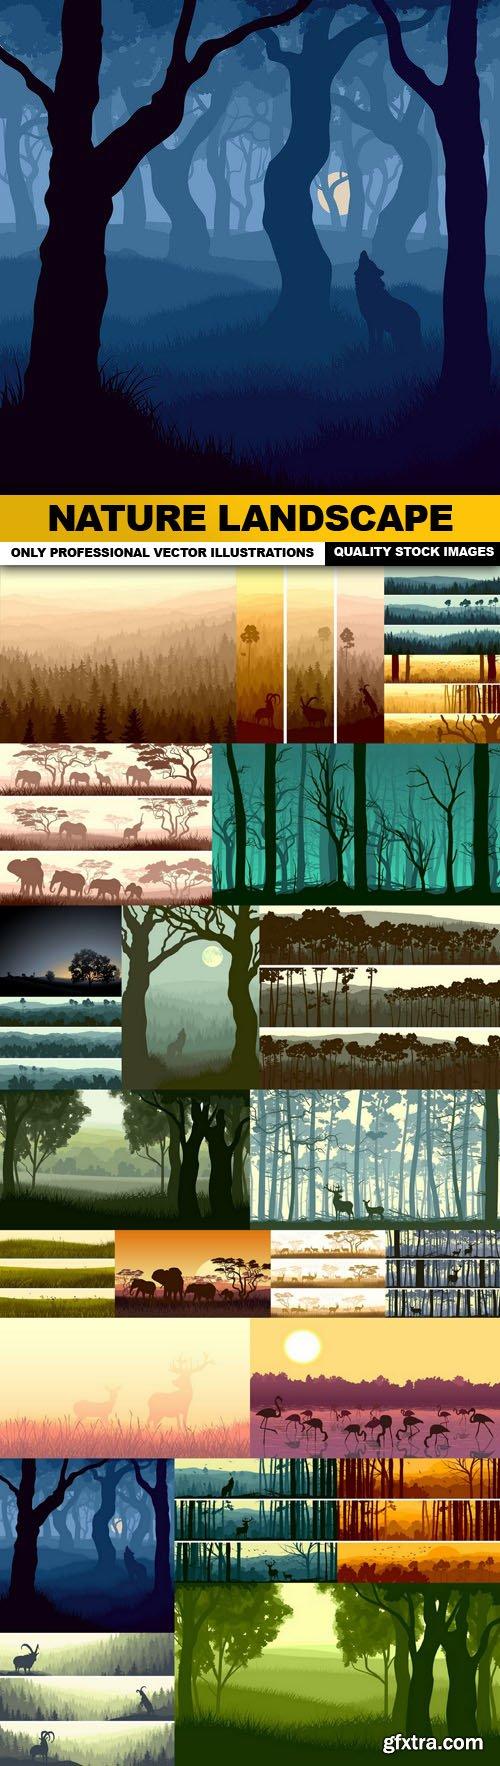 Nature Landscape - 25 Vector